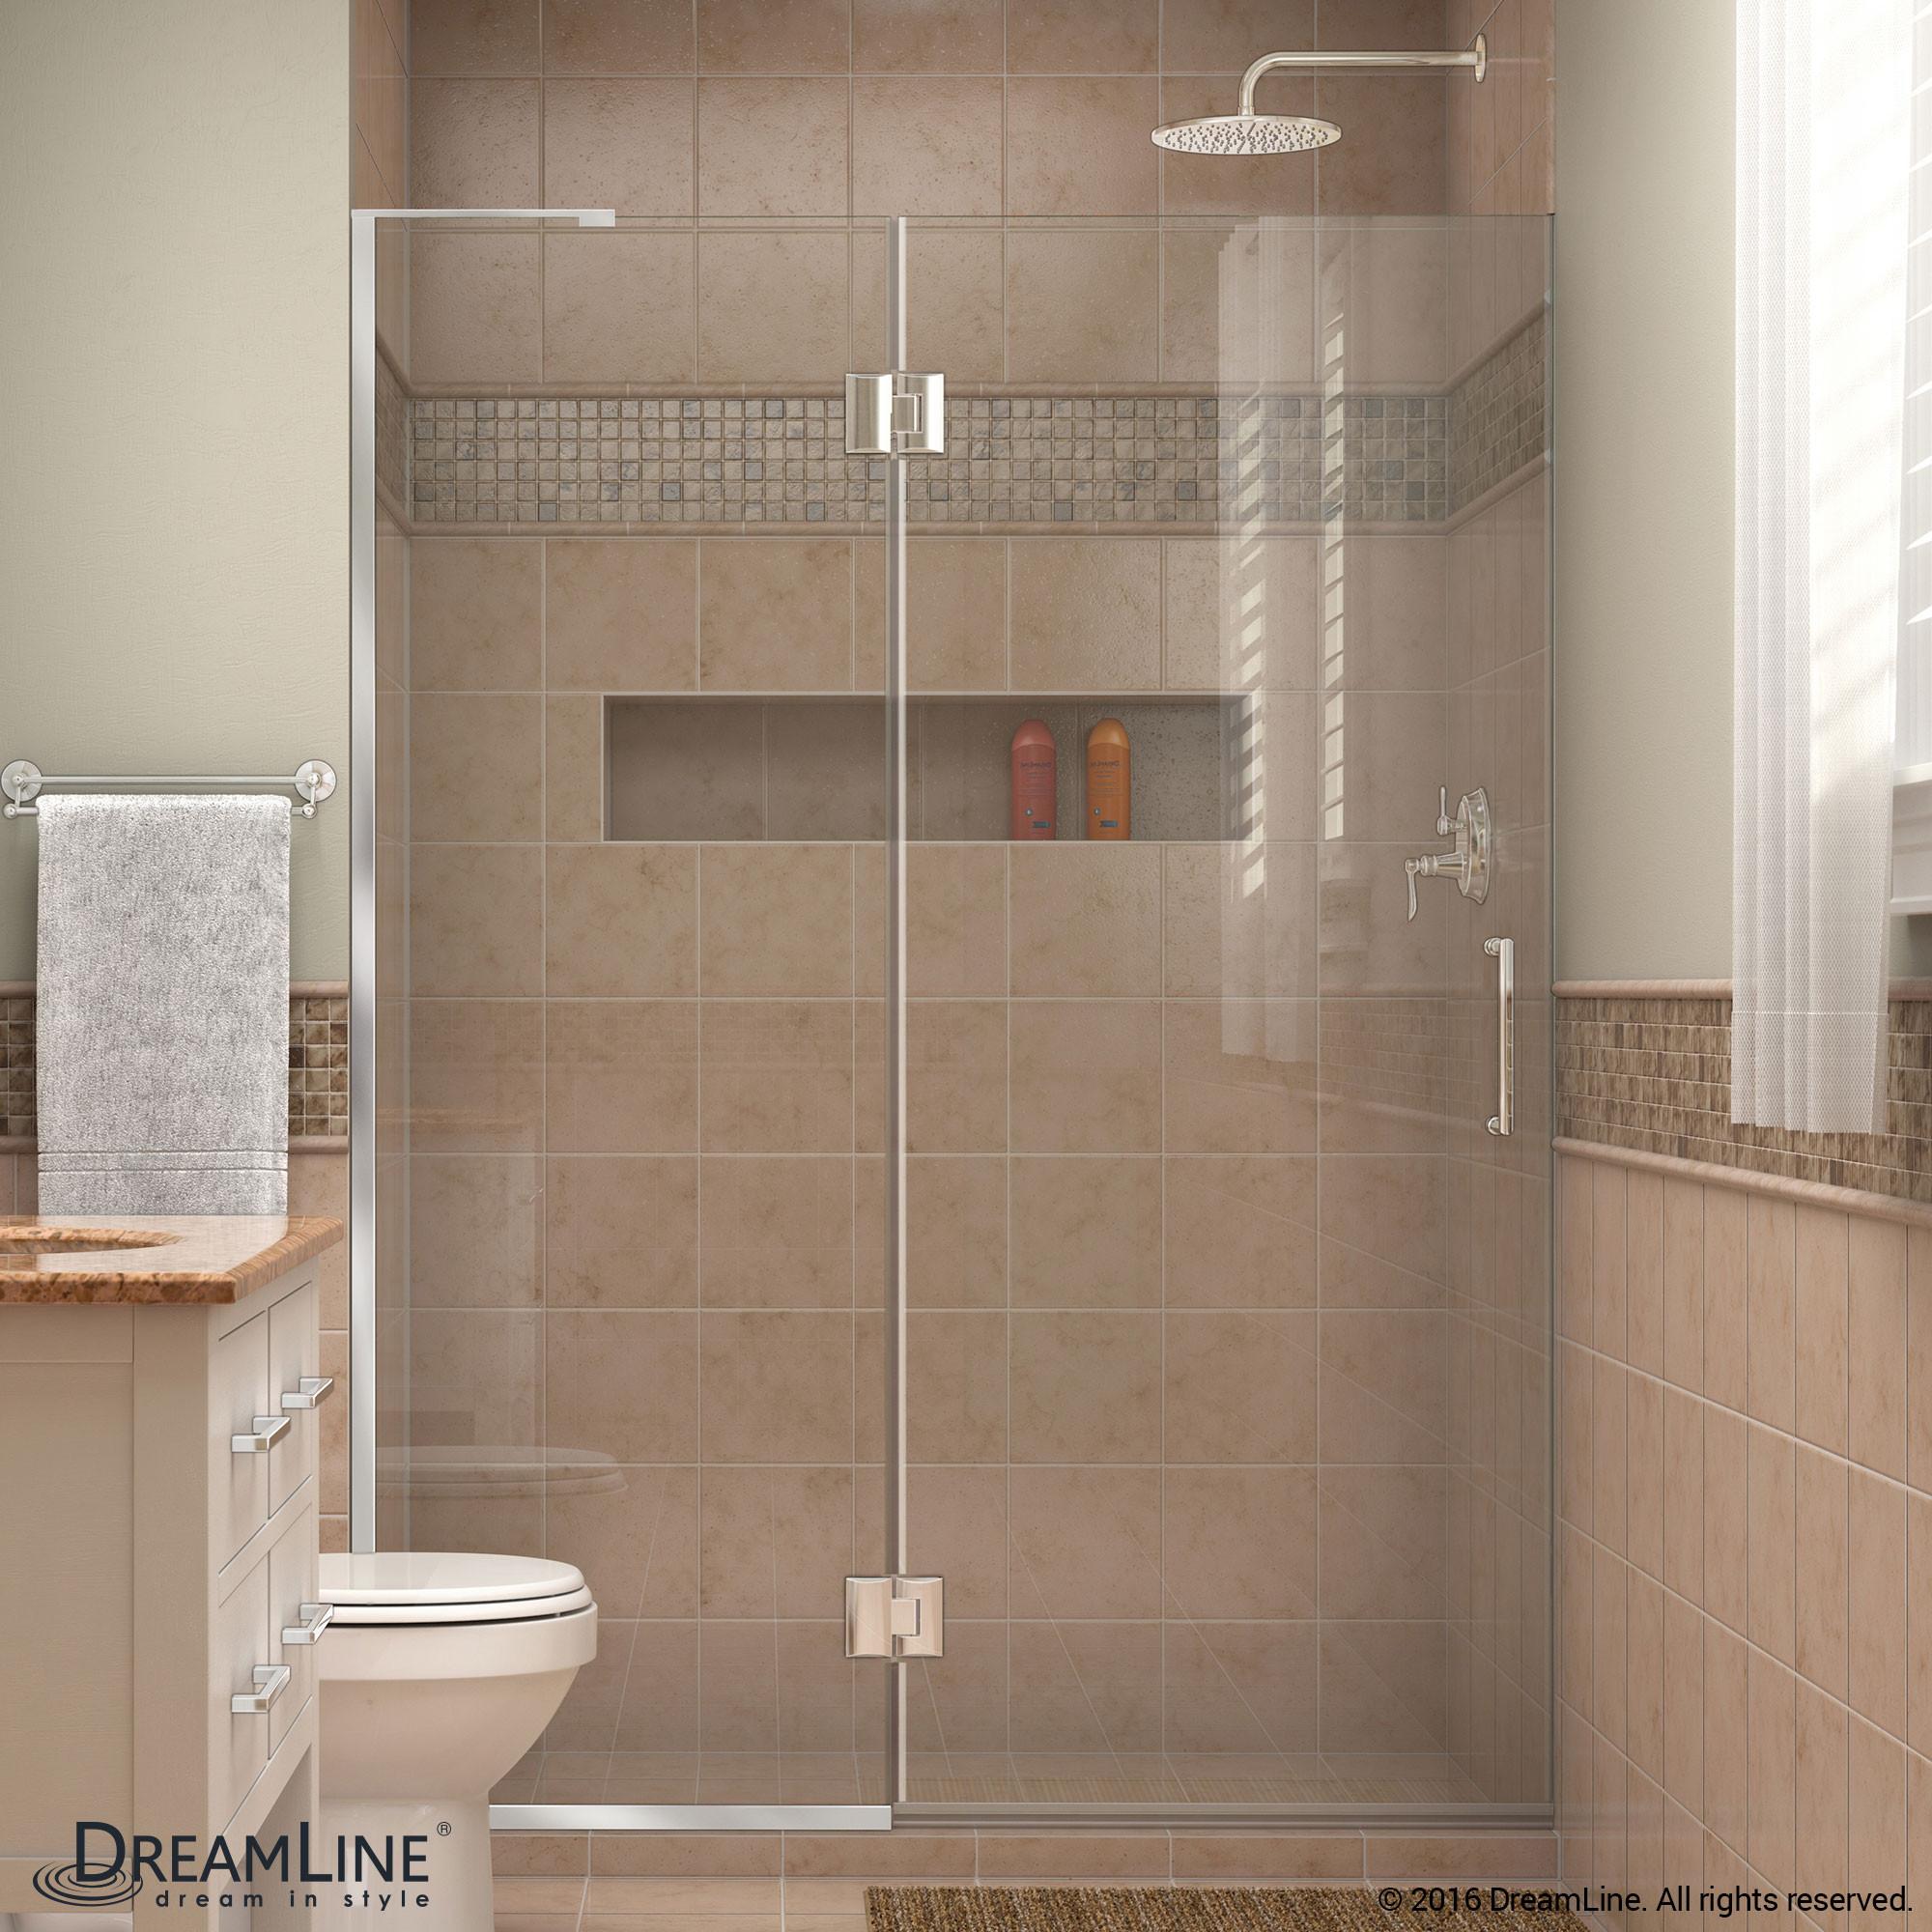 DreamLine D32772L-01 Chrome Unidoor-X Hinged Shower Door With Left-wall Bracket